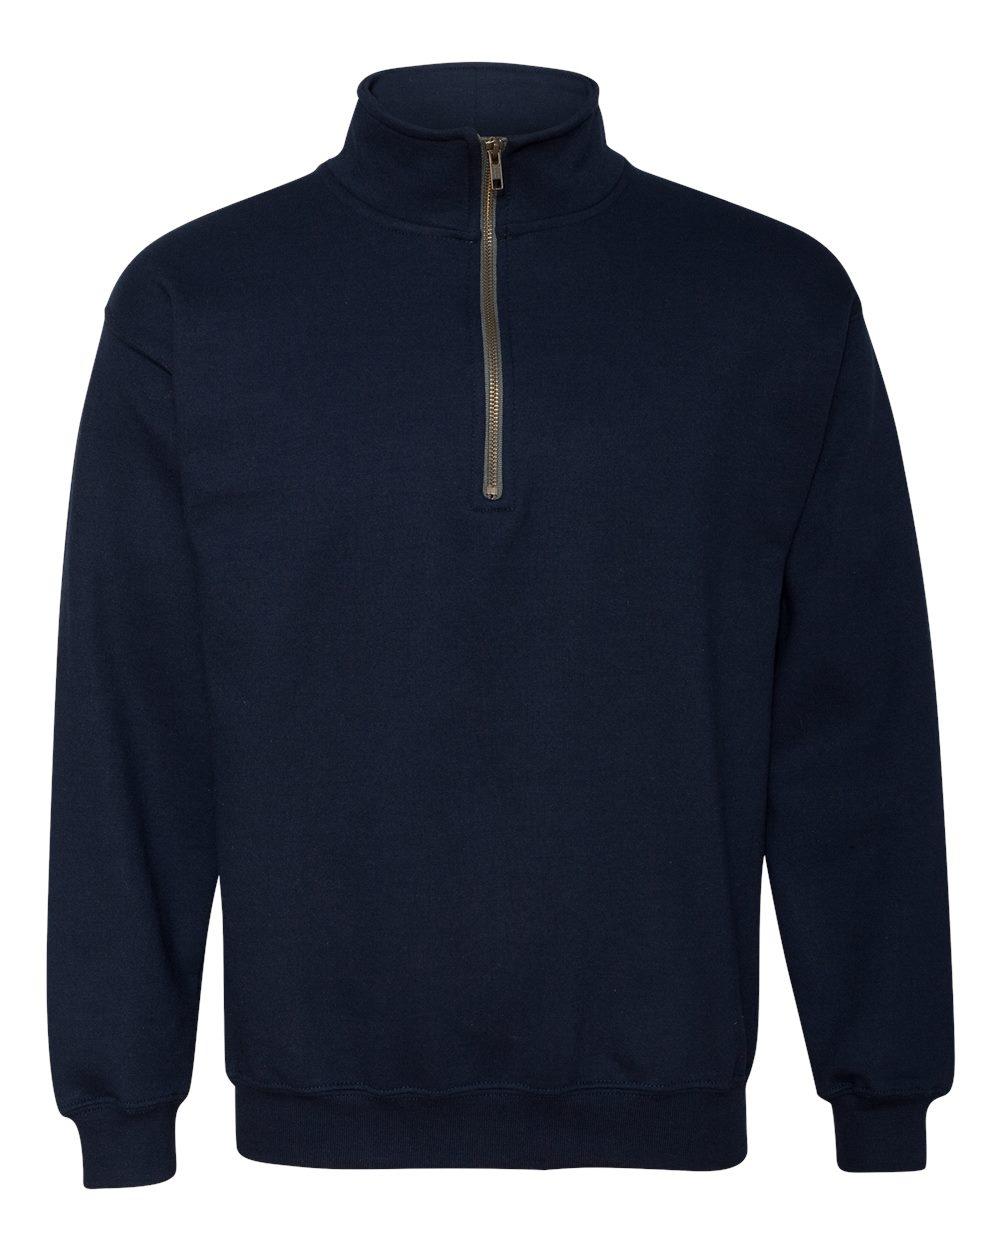 Picture of Gildan Heavy Blend Vintage 1/4 Cadet Collar Sweatshirt